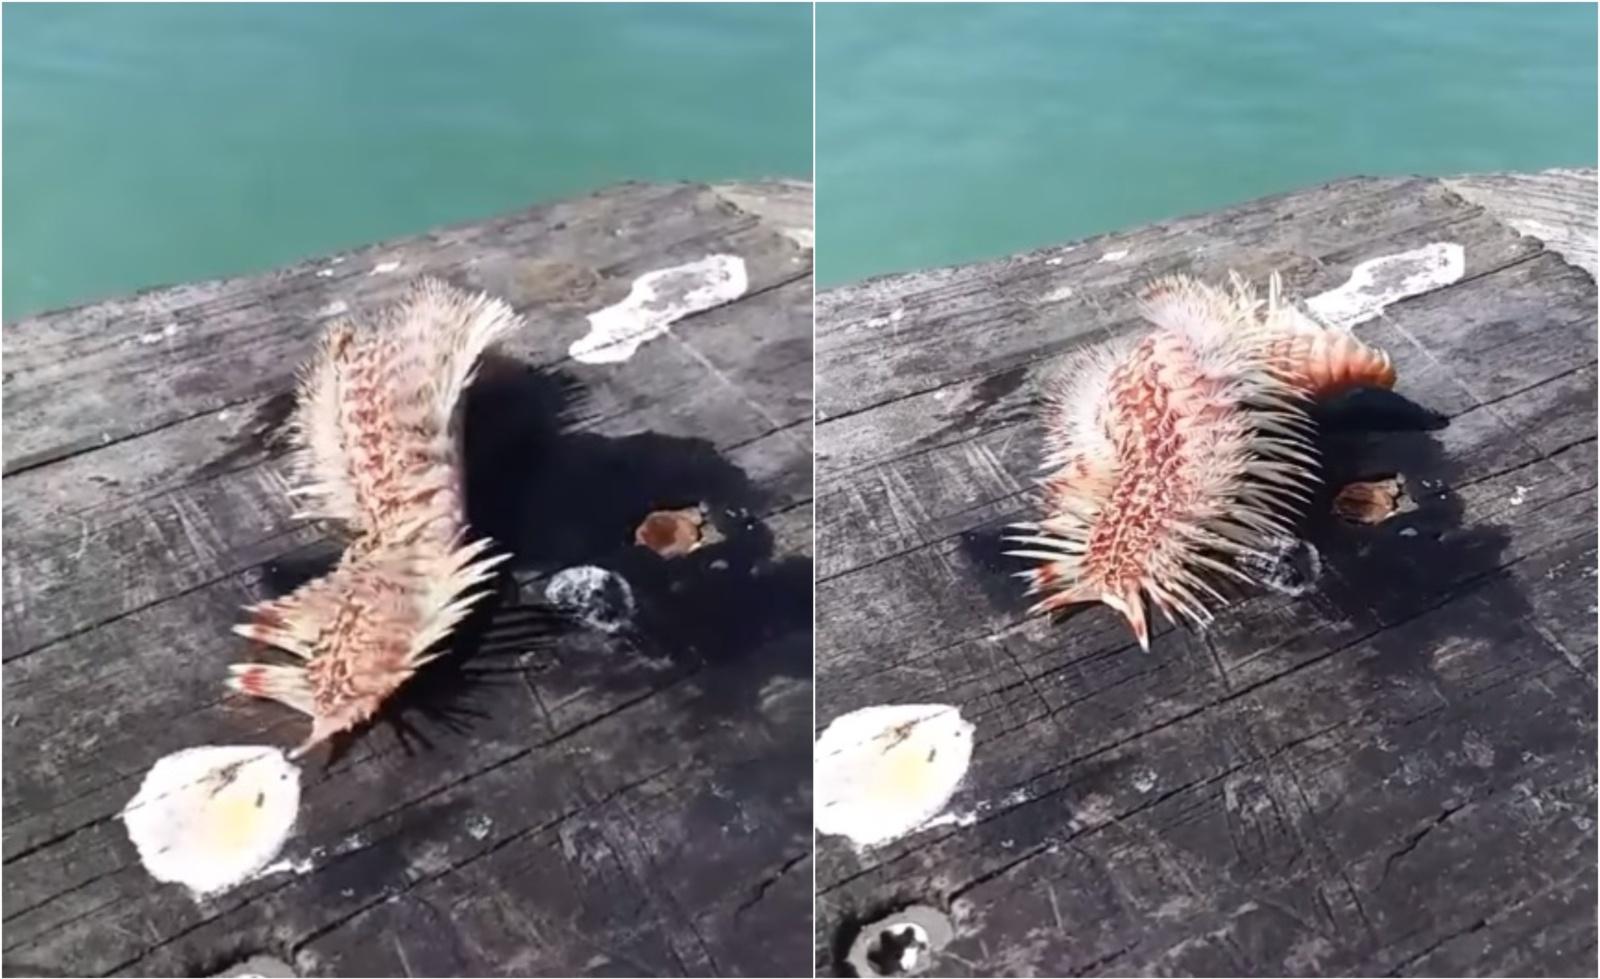 Uoste žvejojusi moteris ištraukė paslaptingą padarą: kas tai? (vaizdo įrašas)